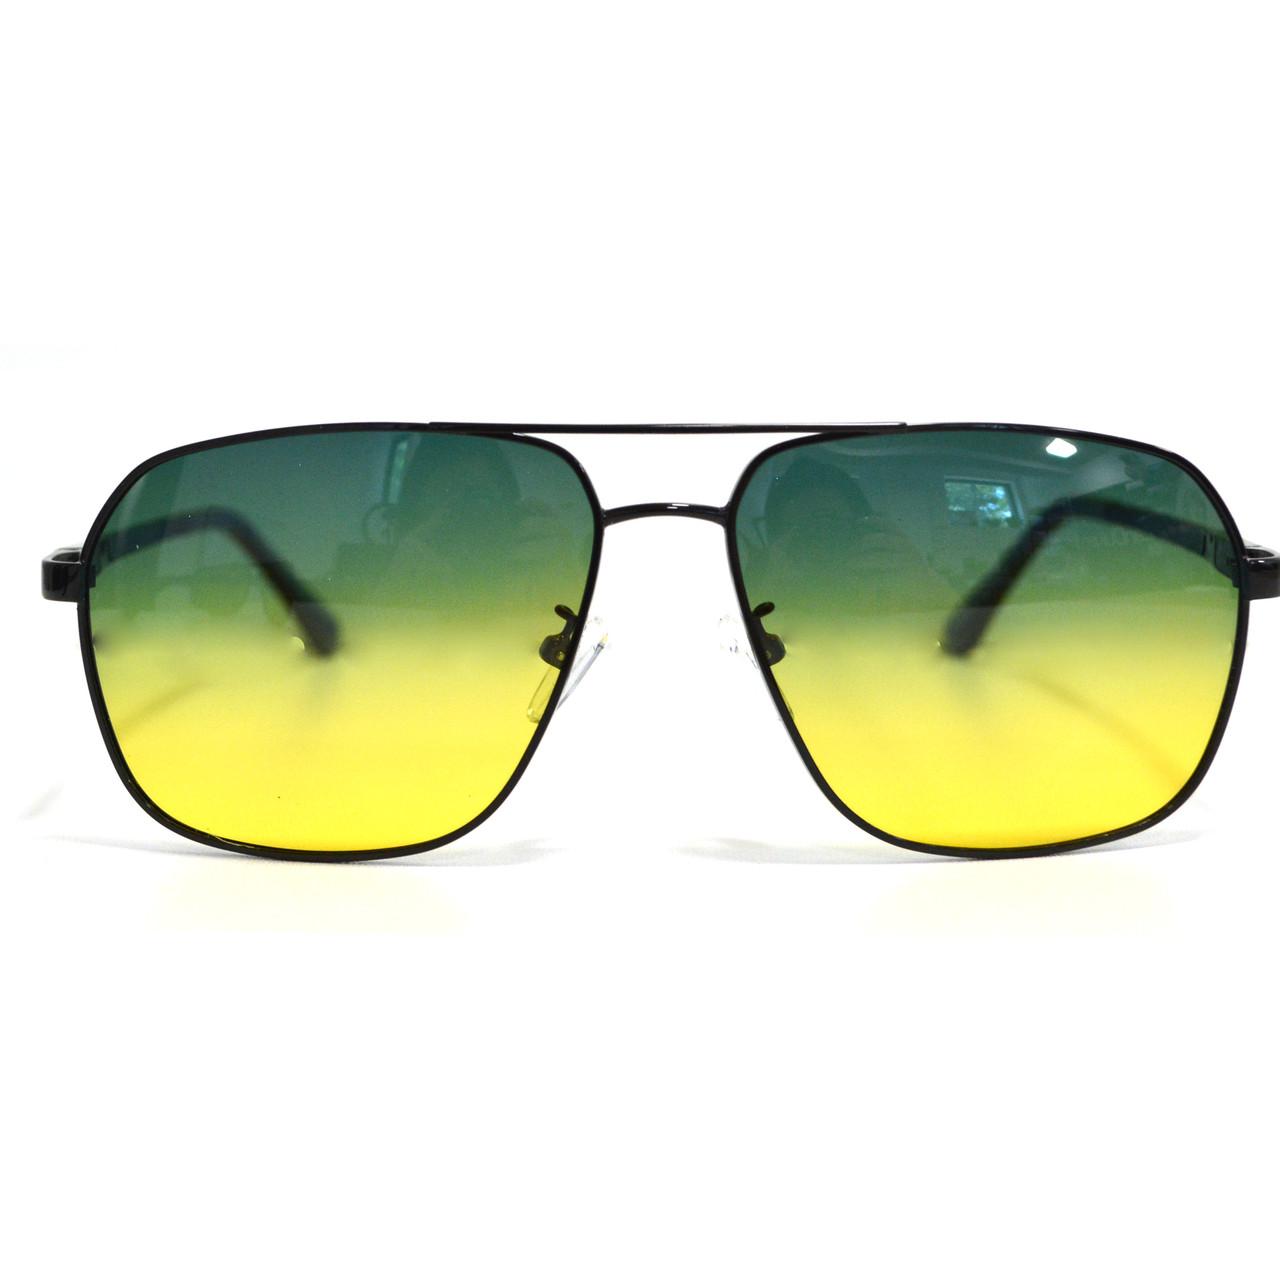 Солнцезащитные поляризационные очки ПОЛАРОИД UV400 тонкая сдвоенная оправа желто зеленые стекла АВТО PX16117 - фото 5